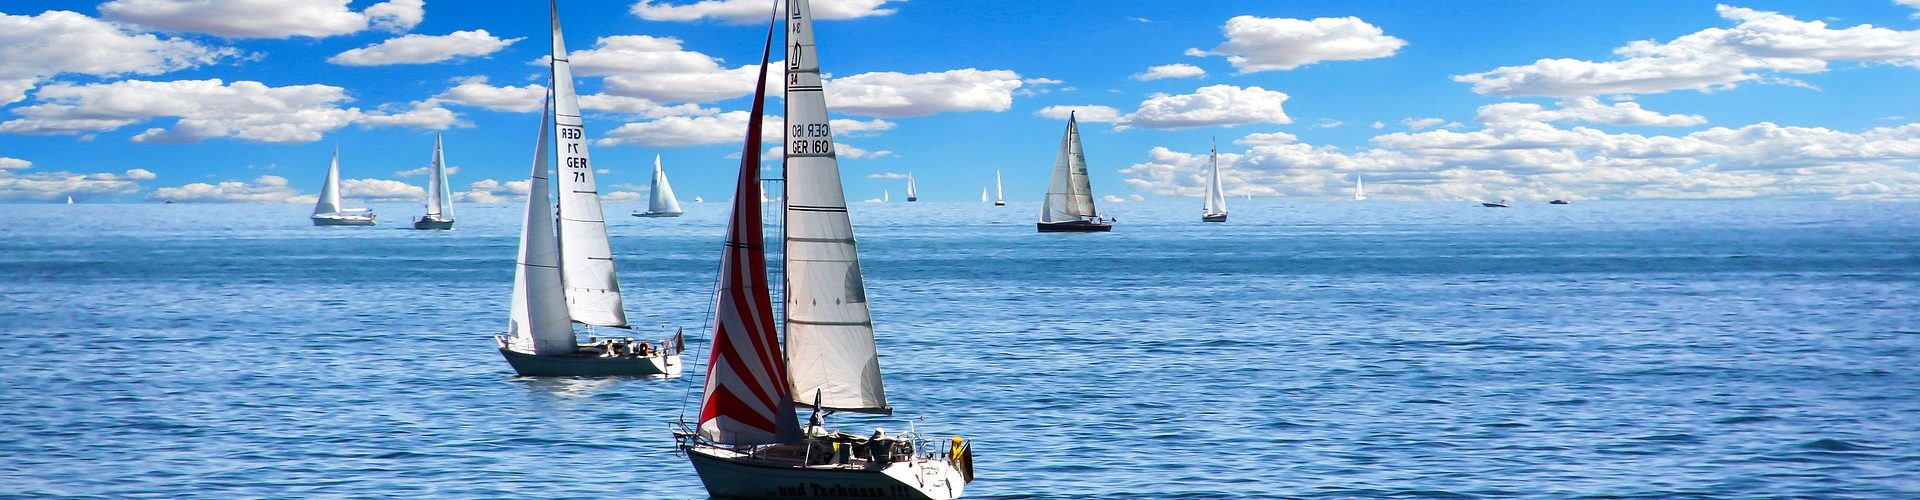 segeln lernen in Schortens Schortens segelschein machen in Schortens Schortens 1920x500 - Segeln lernen in Schortens Schortens